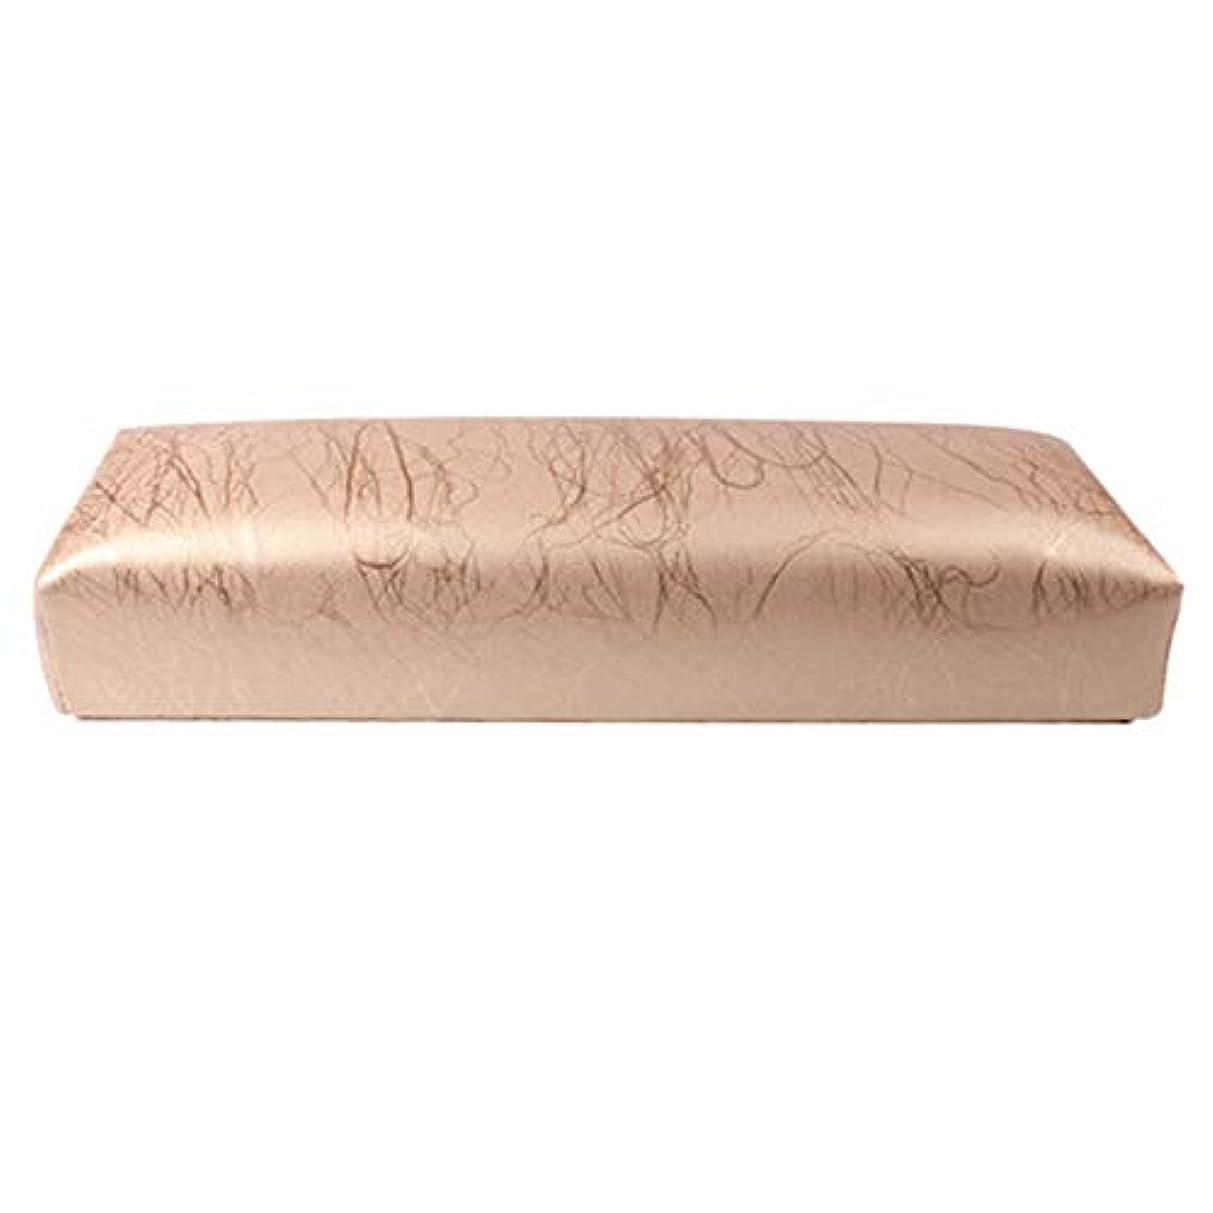 CUHAWUDBA ネイル用マニキュアハンド枕長方形PUレザーハンドレストクッションネイルピローサロンハンドホルダーアームレストレストマニキュアネイルアートアクセサリーツールゴールド